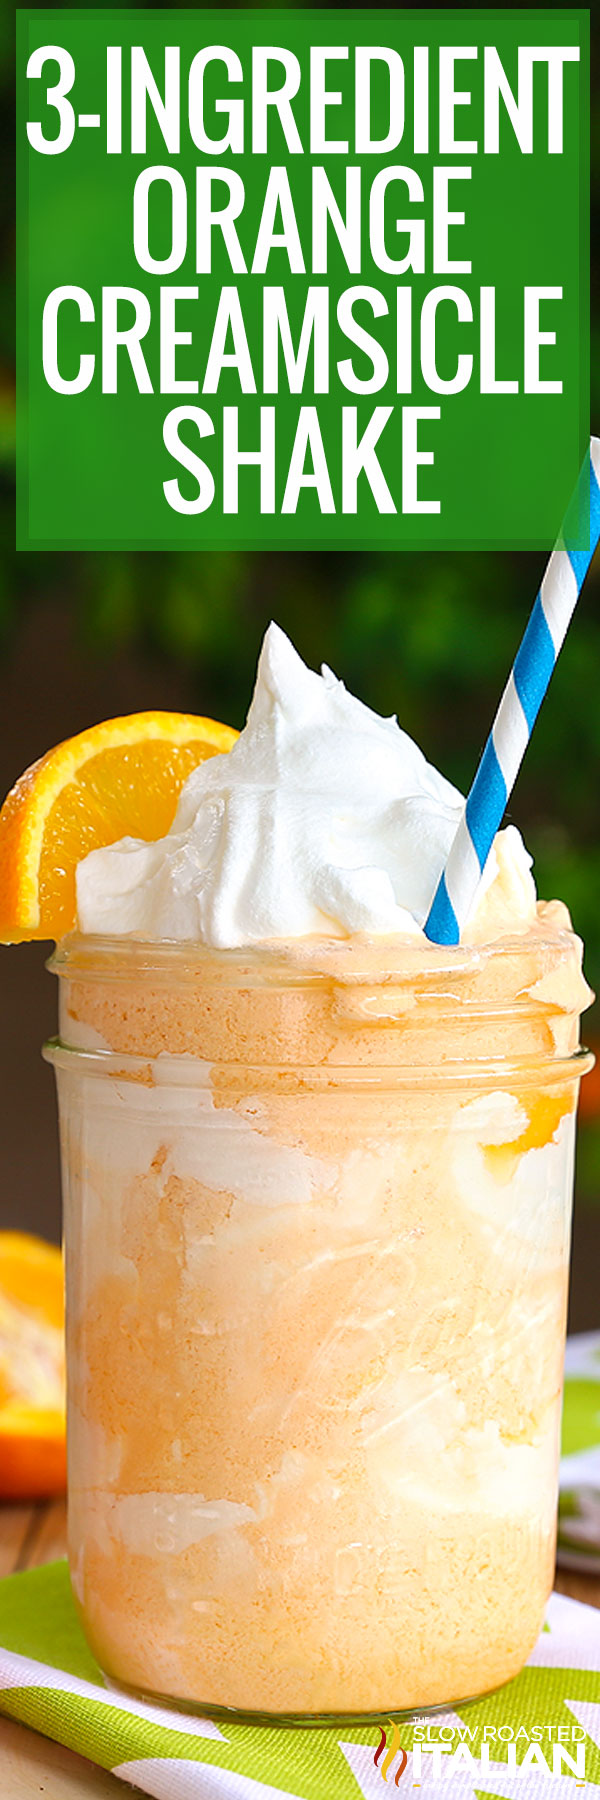 3-Ingredient Orange Creamsicle Shake close up